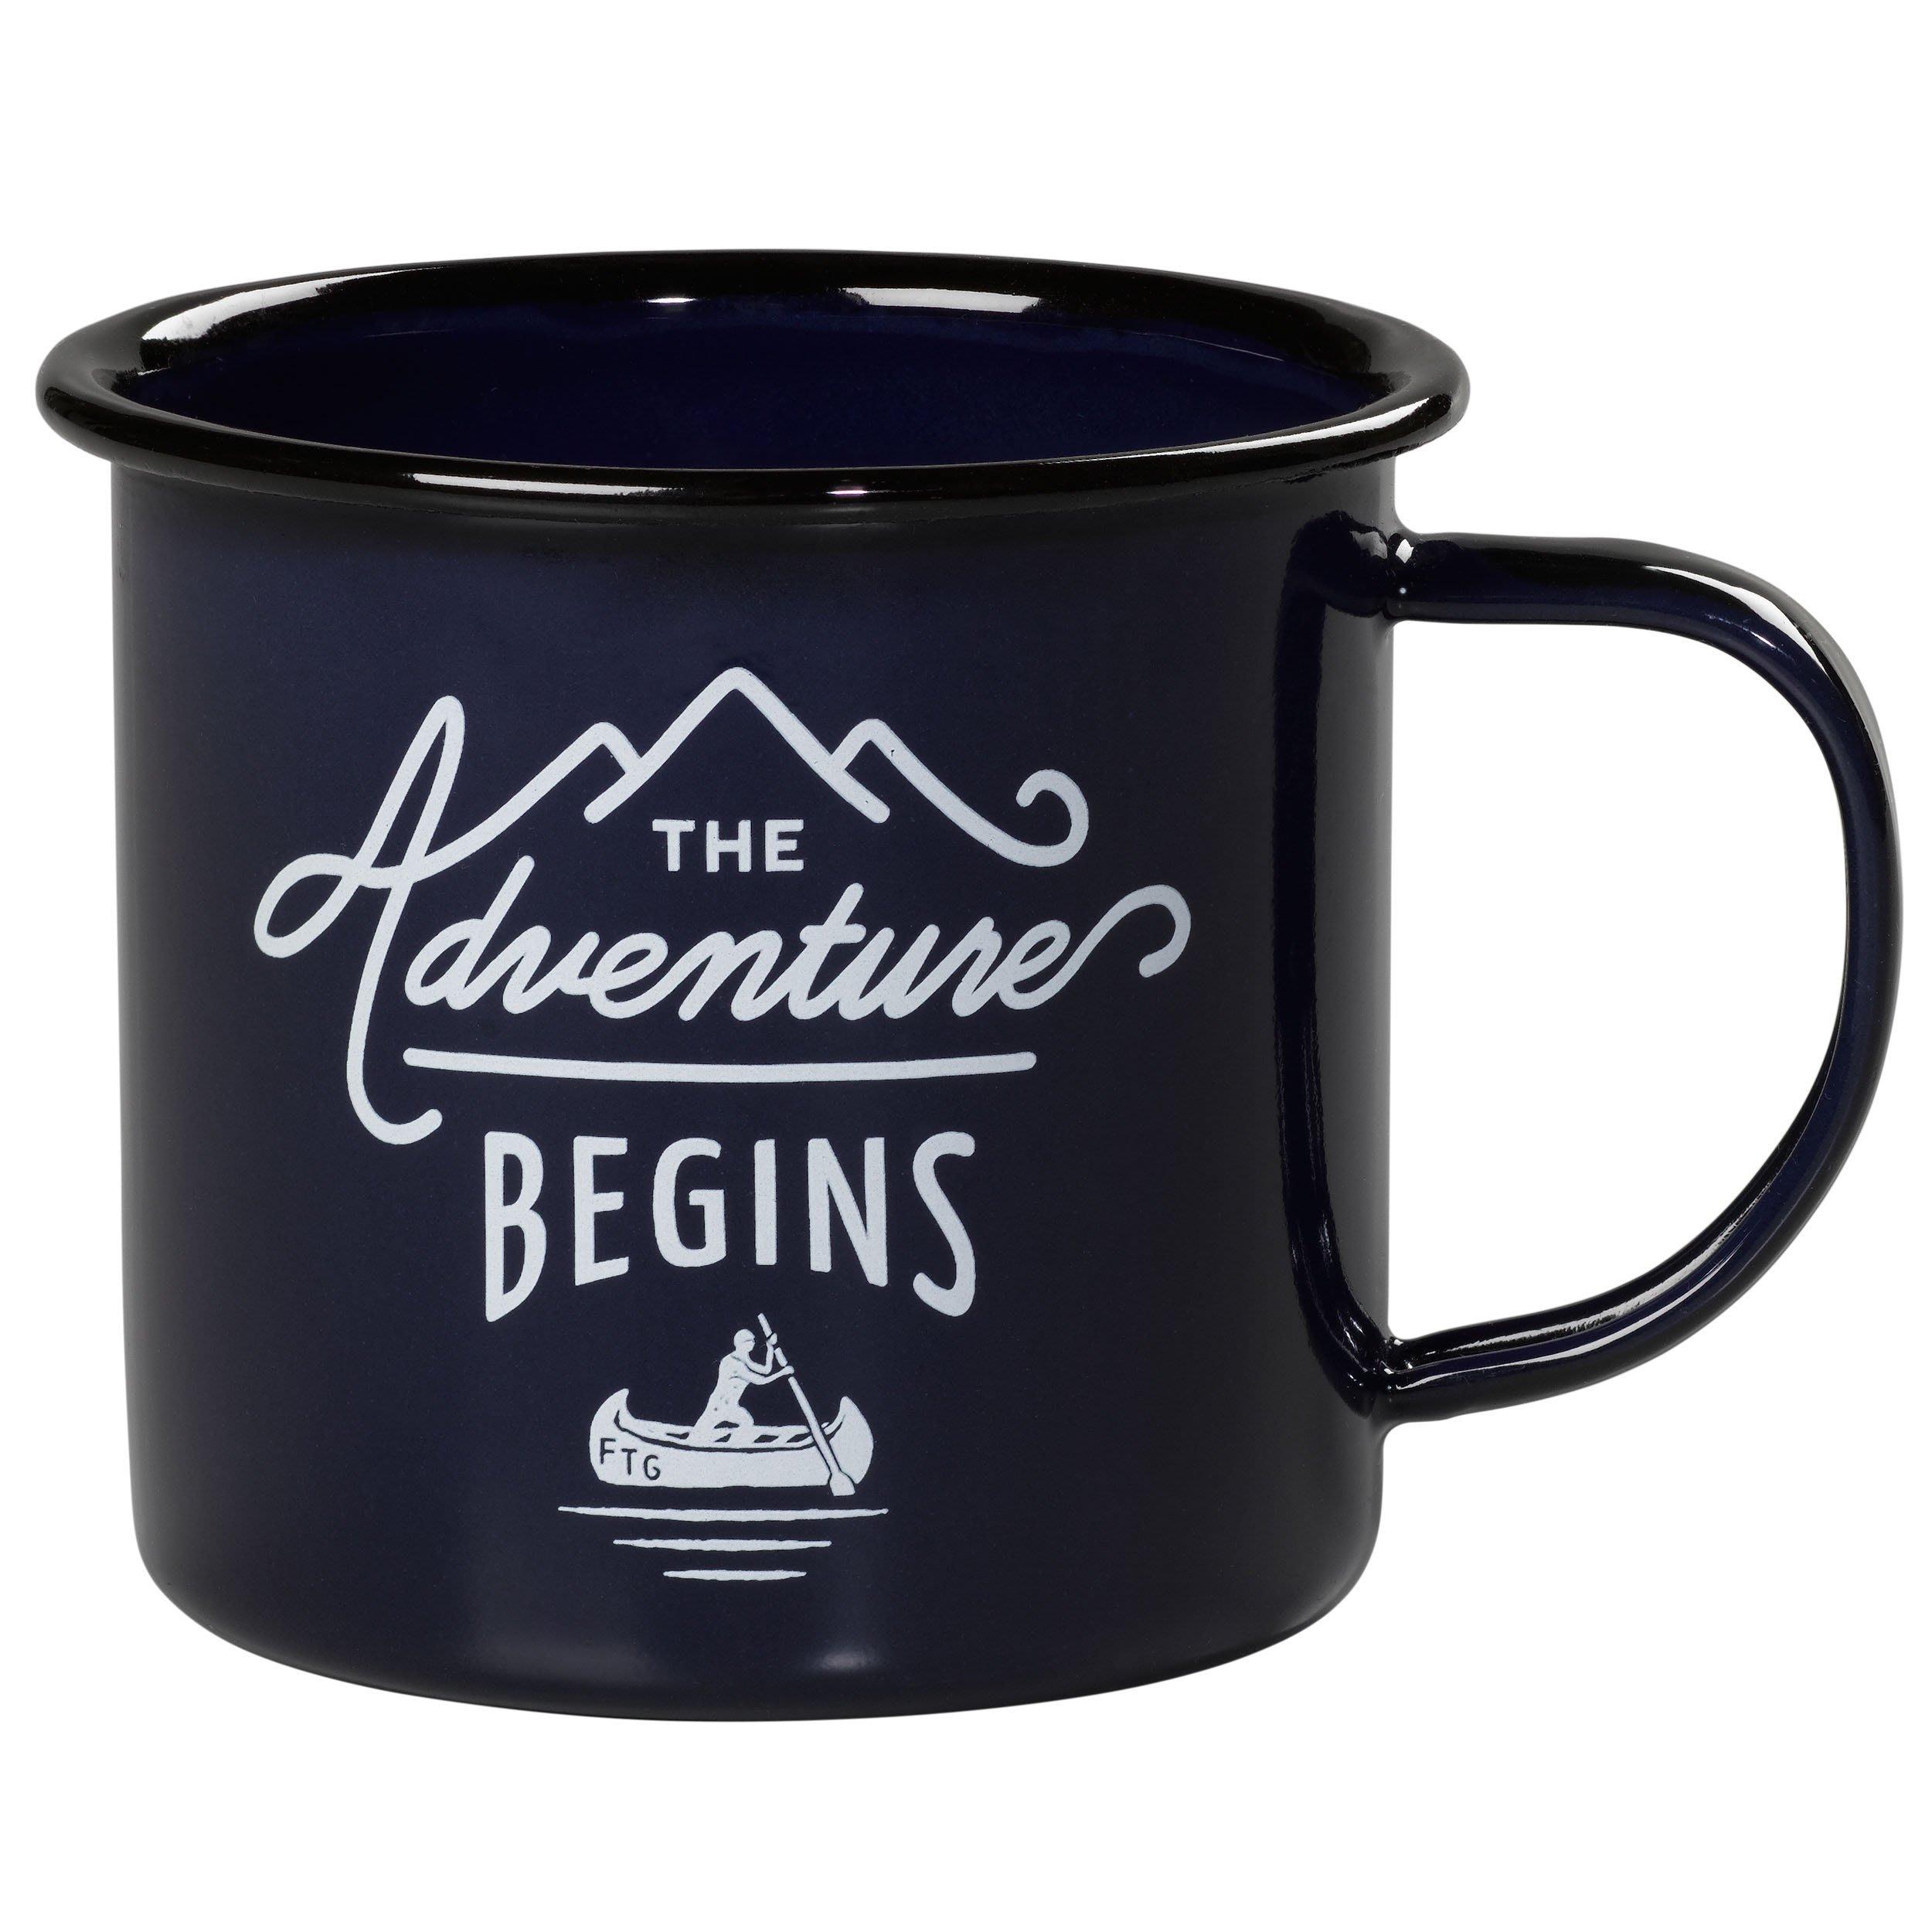 【英國 Wild & Wolf】深藍色 經典復古琺瑯杯 360ml 探險琺瑯馬克杯 琺瑯單耳杯 露營杯 咖啡杯 水杯茶杯